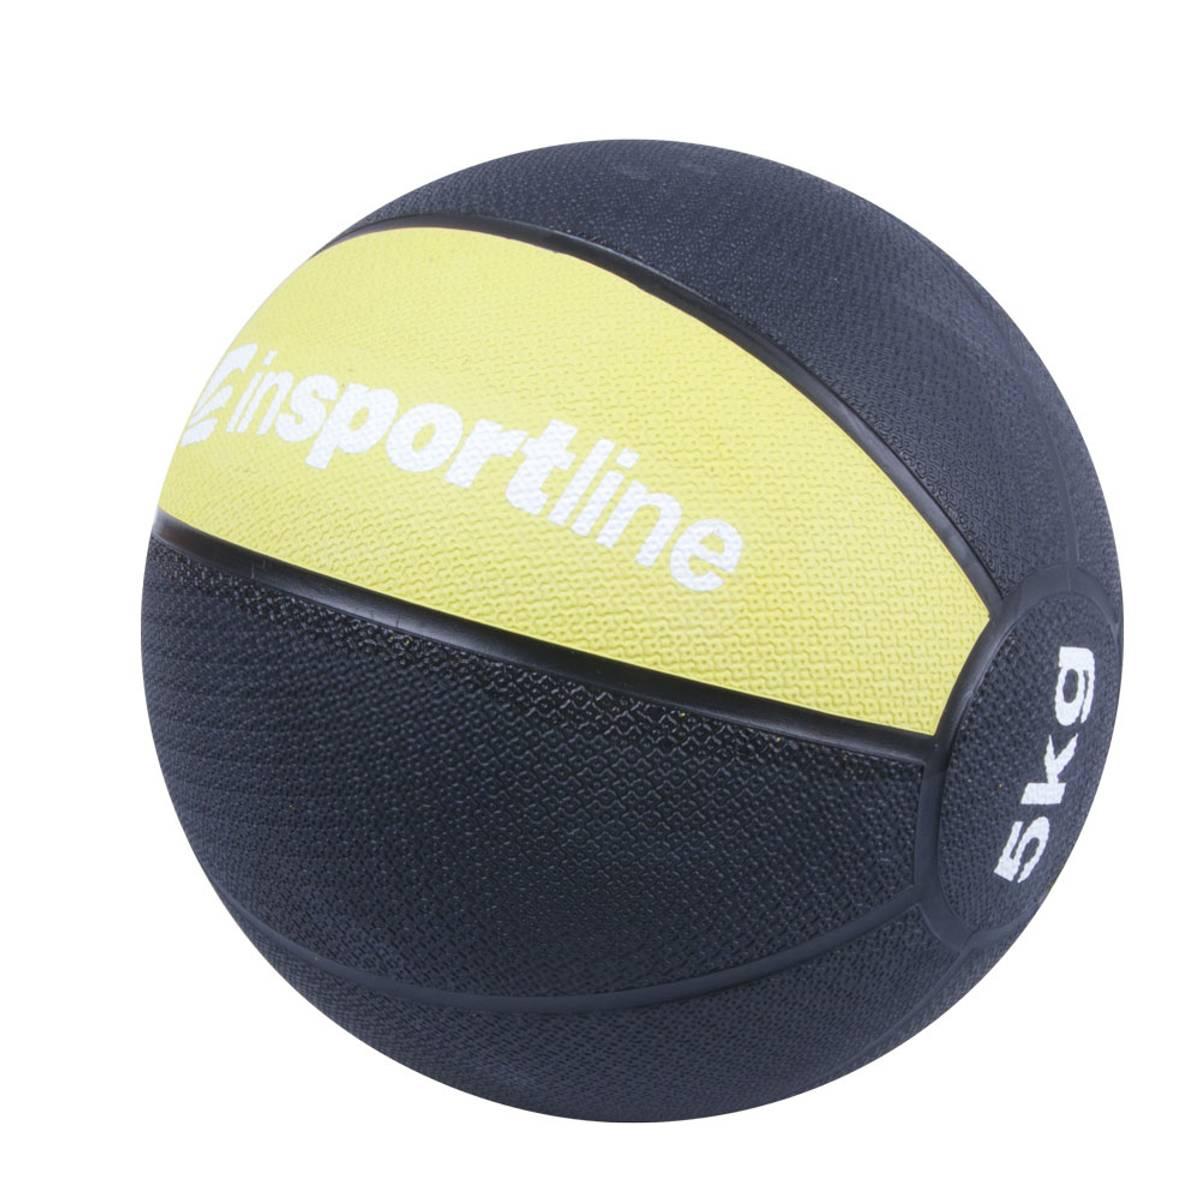 Medisinball  inSPORTline MB63 - 5kg